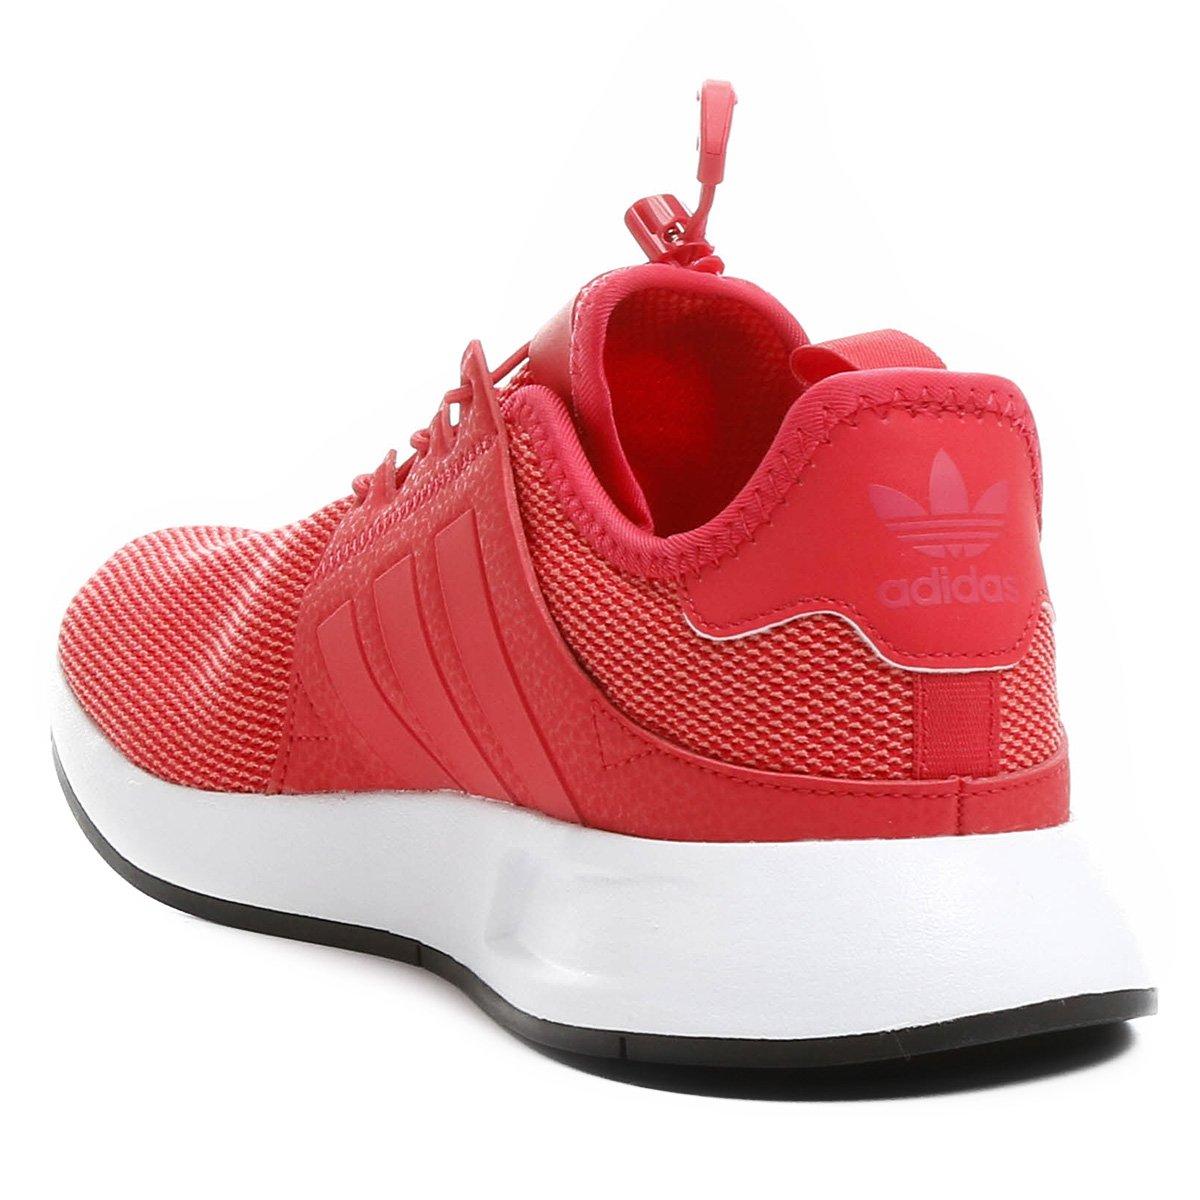 946197919ee Tênis Infantil Adidas X PLR - Compre Agora